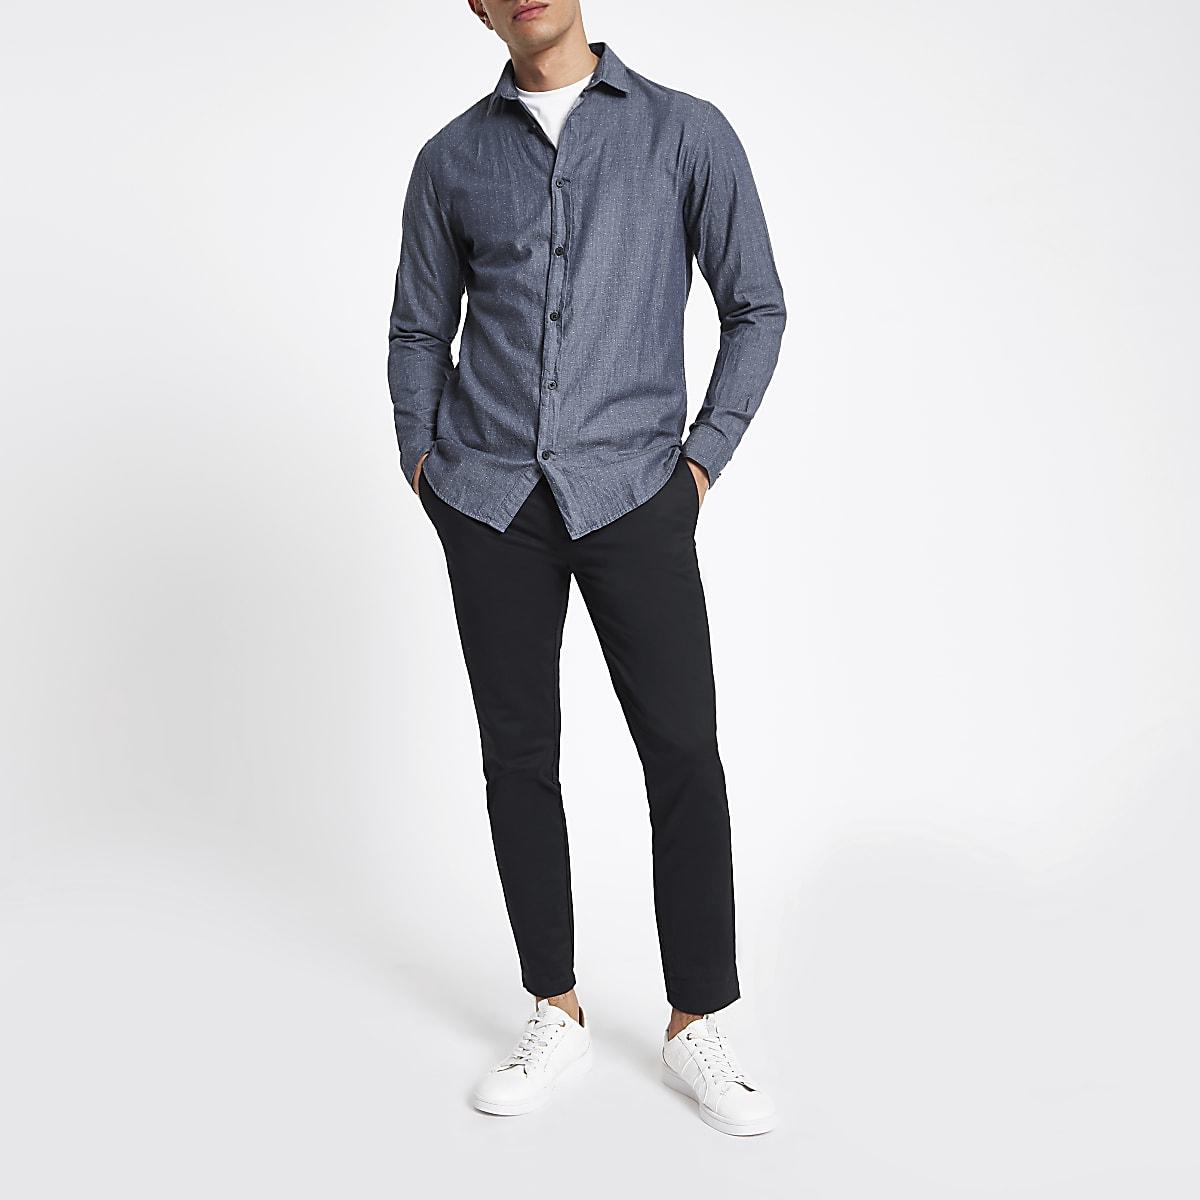 Selected Homme - Donkerblauw overhemd met lange mouwen